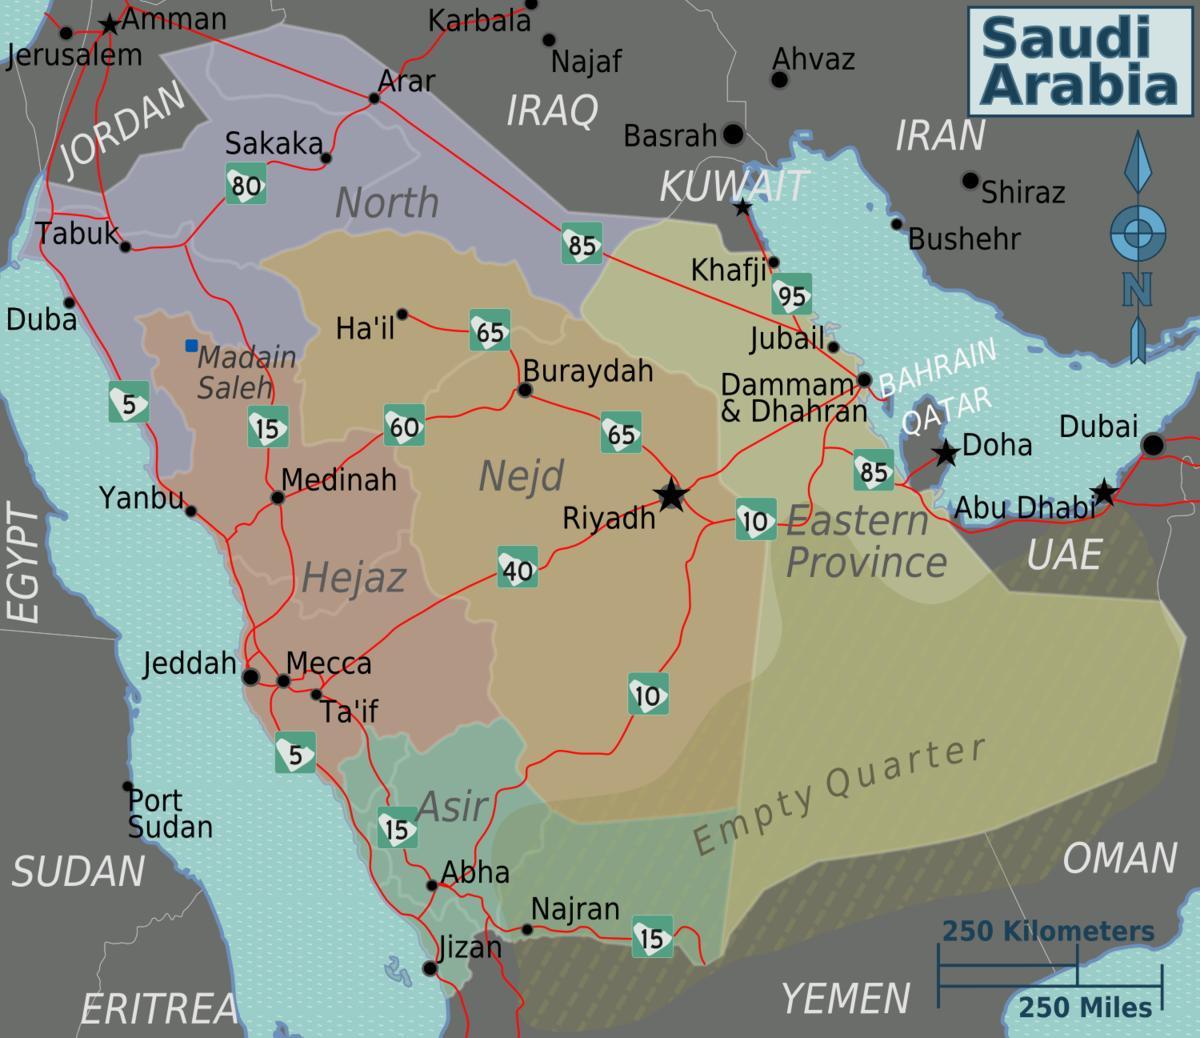 المدن السعودية خريطة السعودية خريطة المدن غرب آسيا آسيا